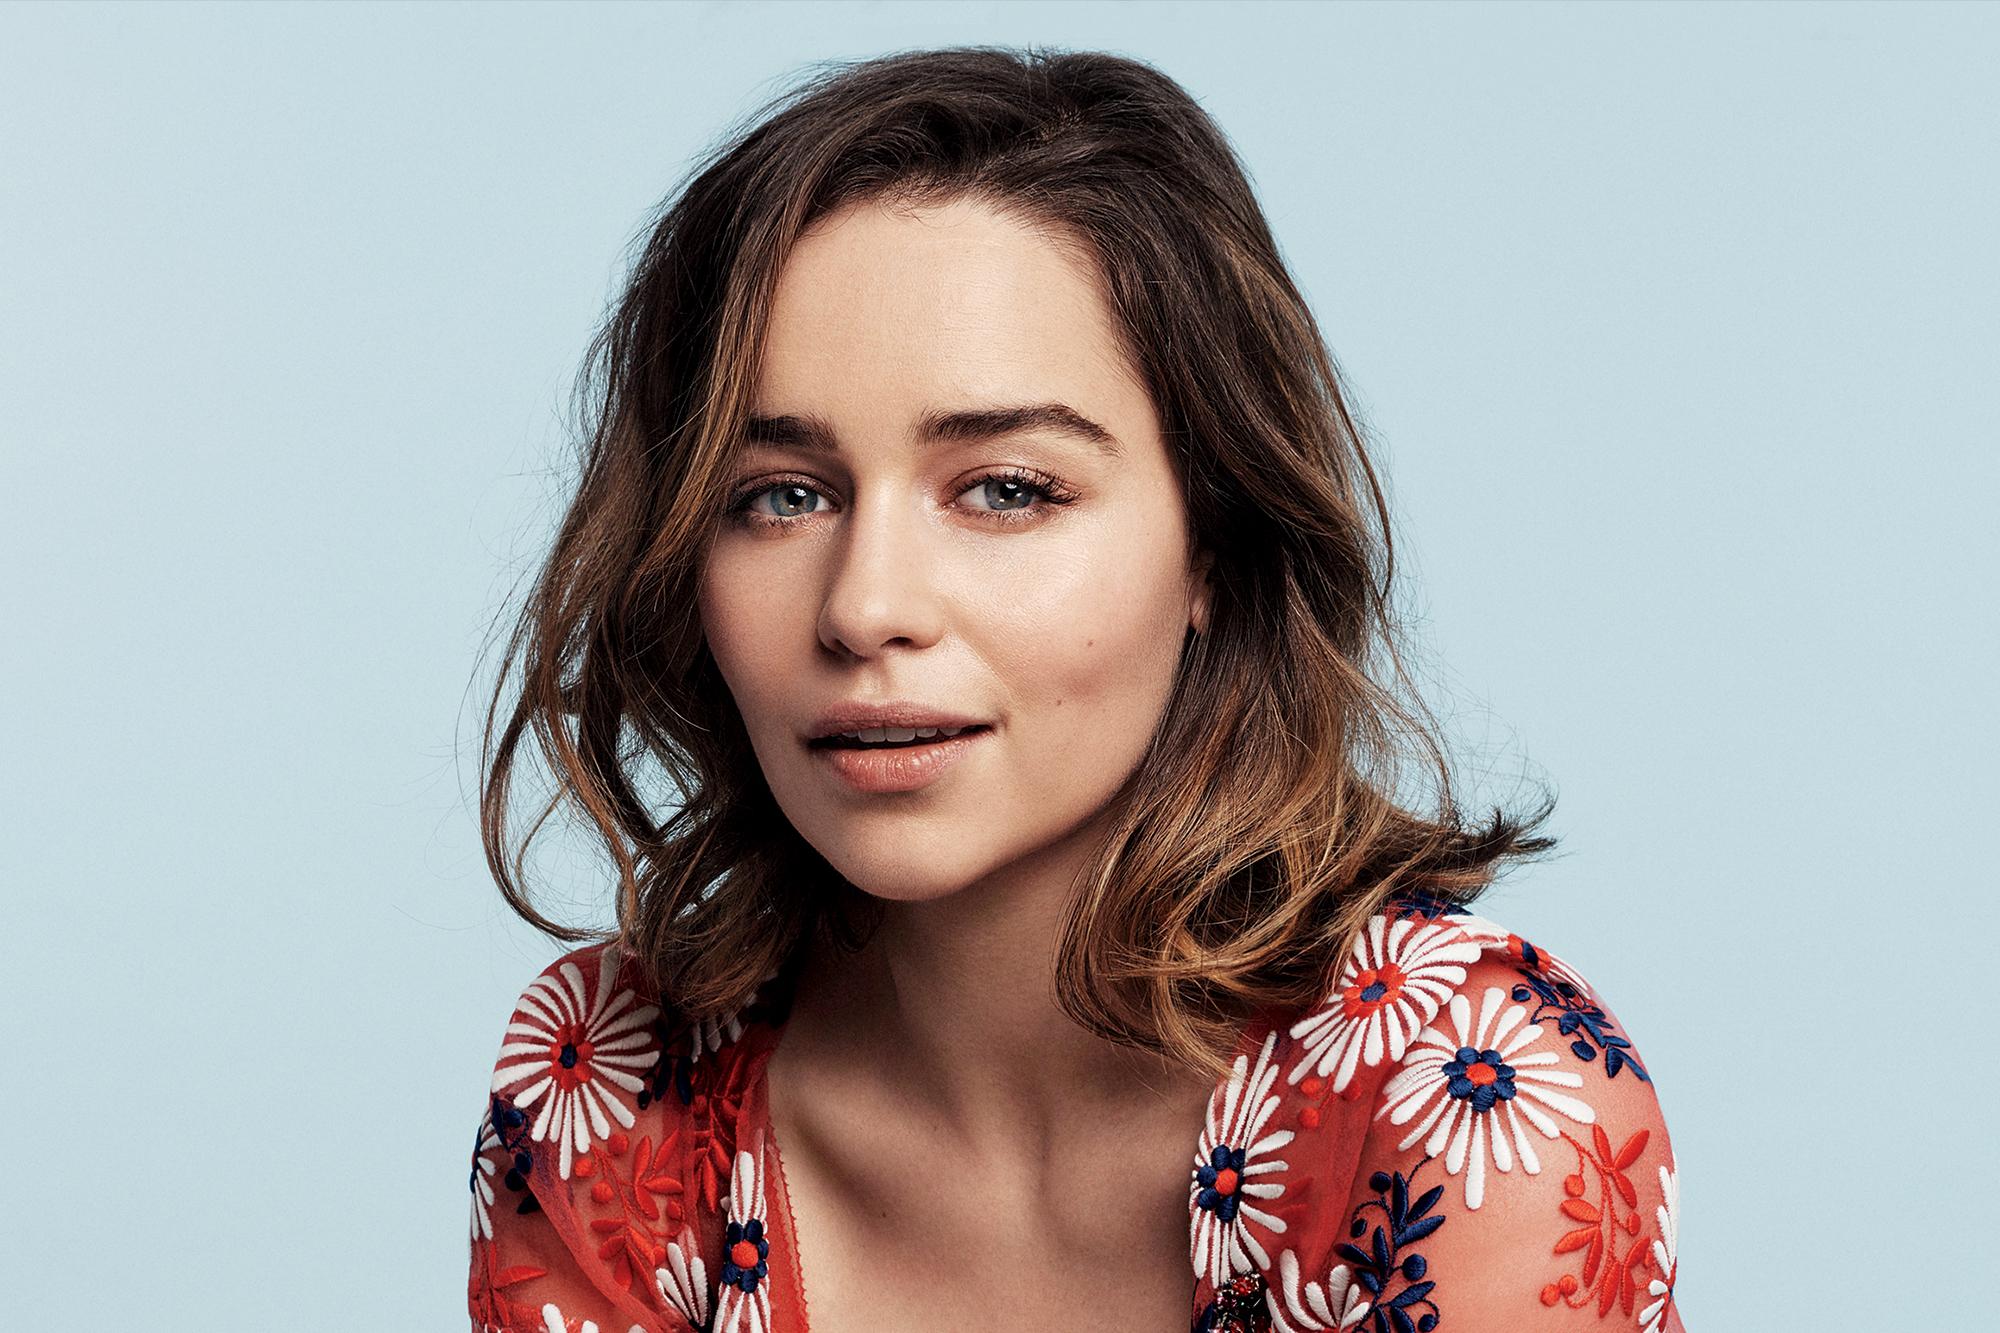 Biografi Emilia Clarke föddes i London och växte upp i Berkshire 4 Clarkes far var ljudtekniker på teater 1 och hennes mor affärskvinna medan brodern